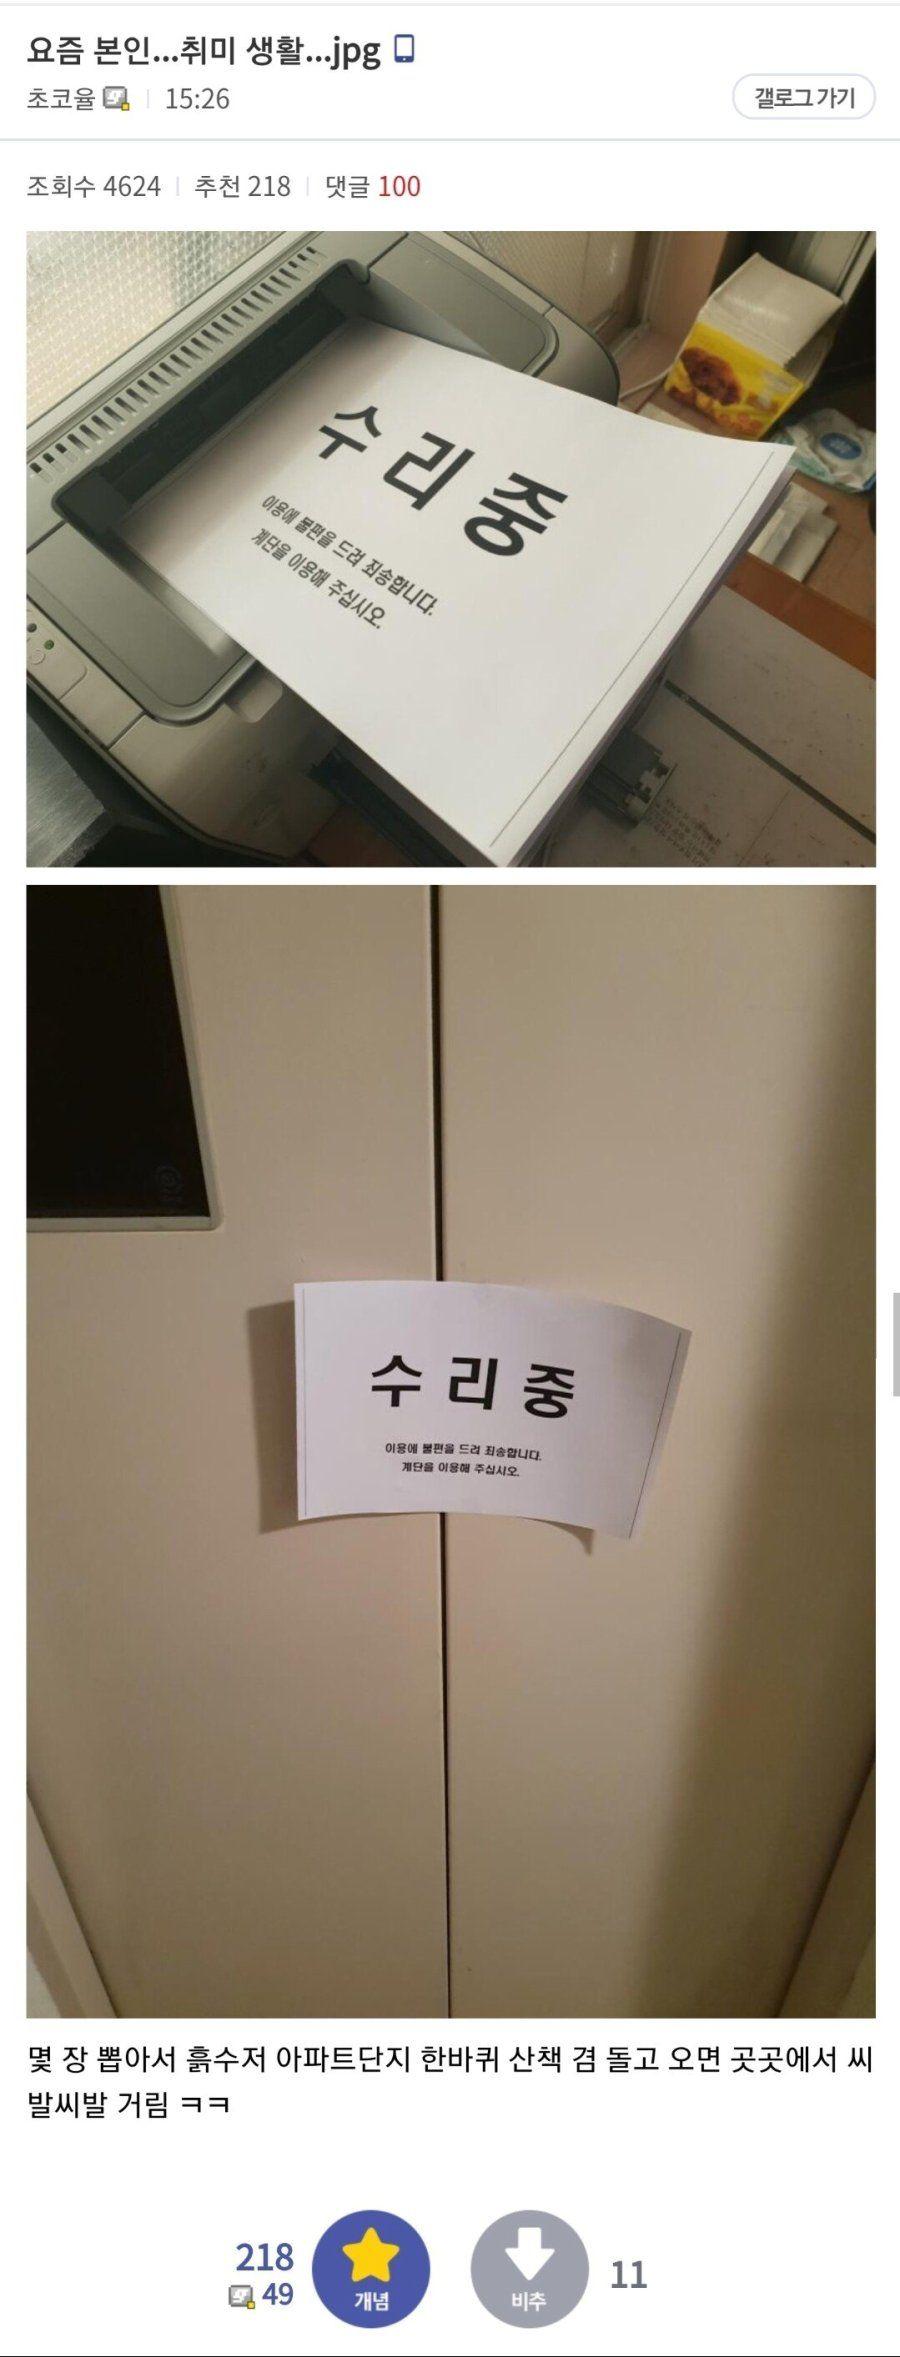 요즘 본인 취미 생활 초코 율메 로그 가기 회수 추천 댓글 수리 이용 불편 계단 이용